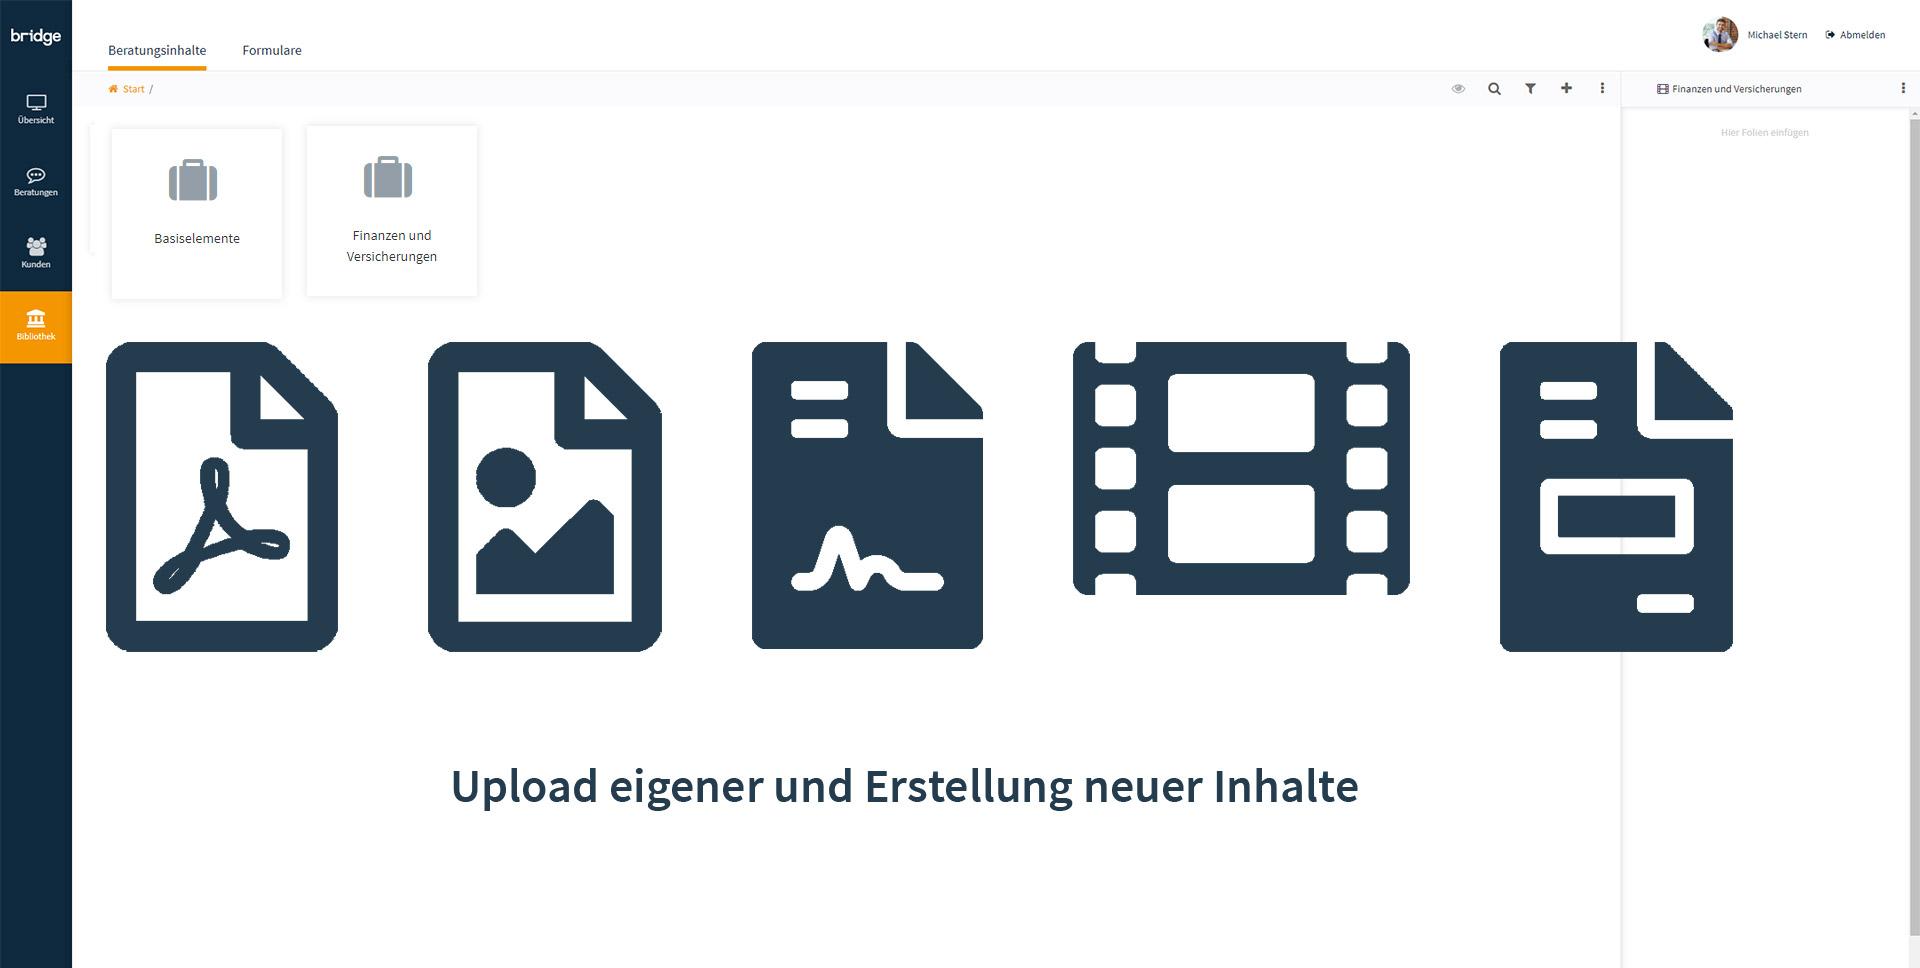 Screen von der Cloud-Bibliothek in der Beratungssoftware von Bridge mit Symbolen und dem Hinweis, dass auch eigene Inhalte erstellt und hochgeladen werden können.